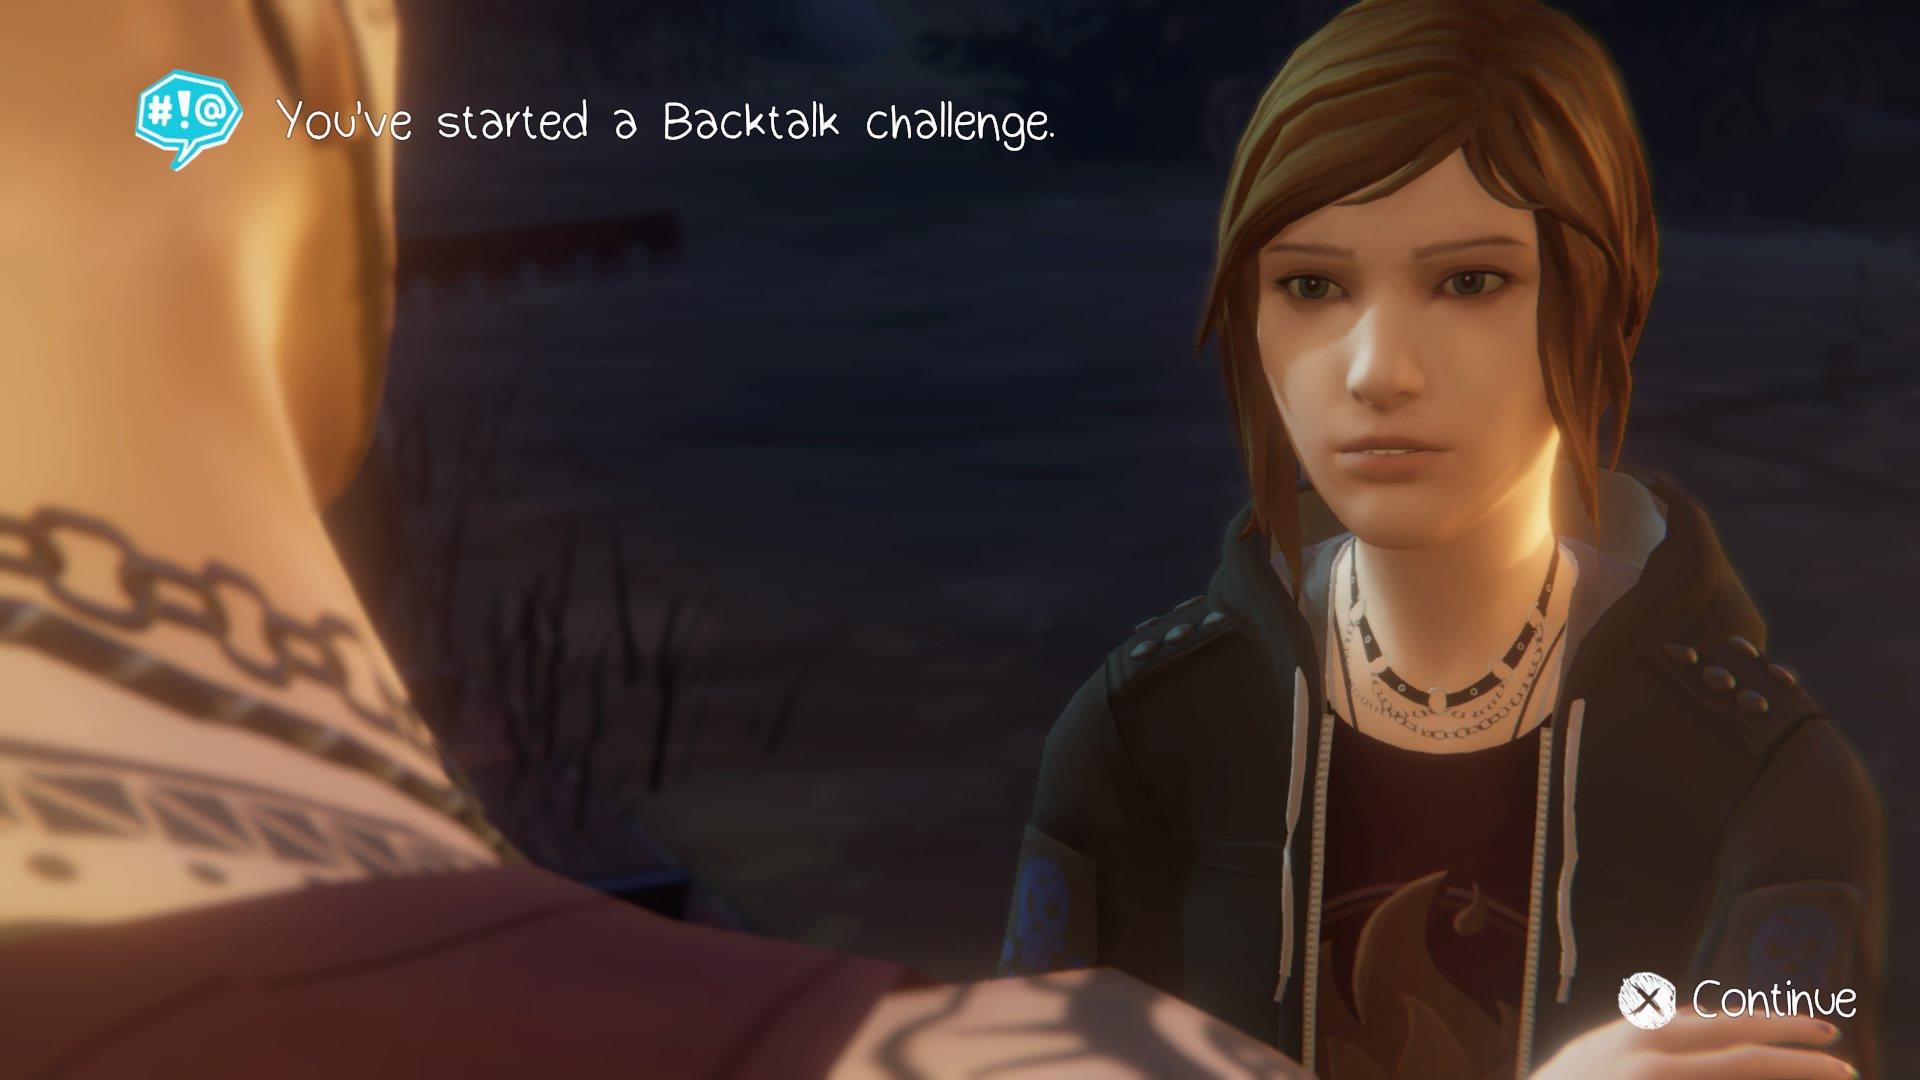 Life Is Strange: Before the Storm: Backtalk Challenge